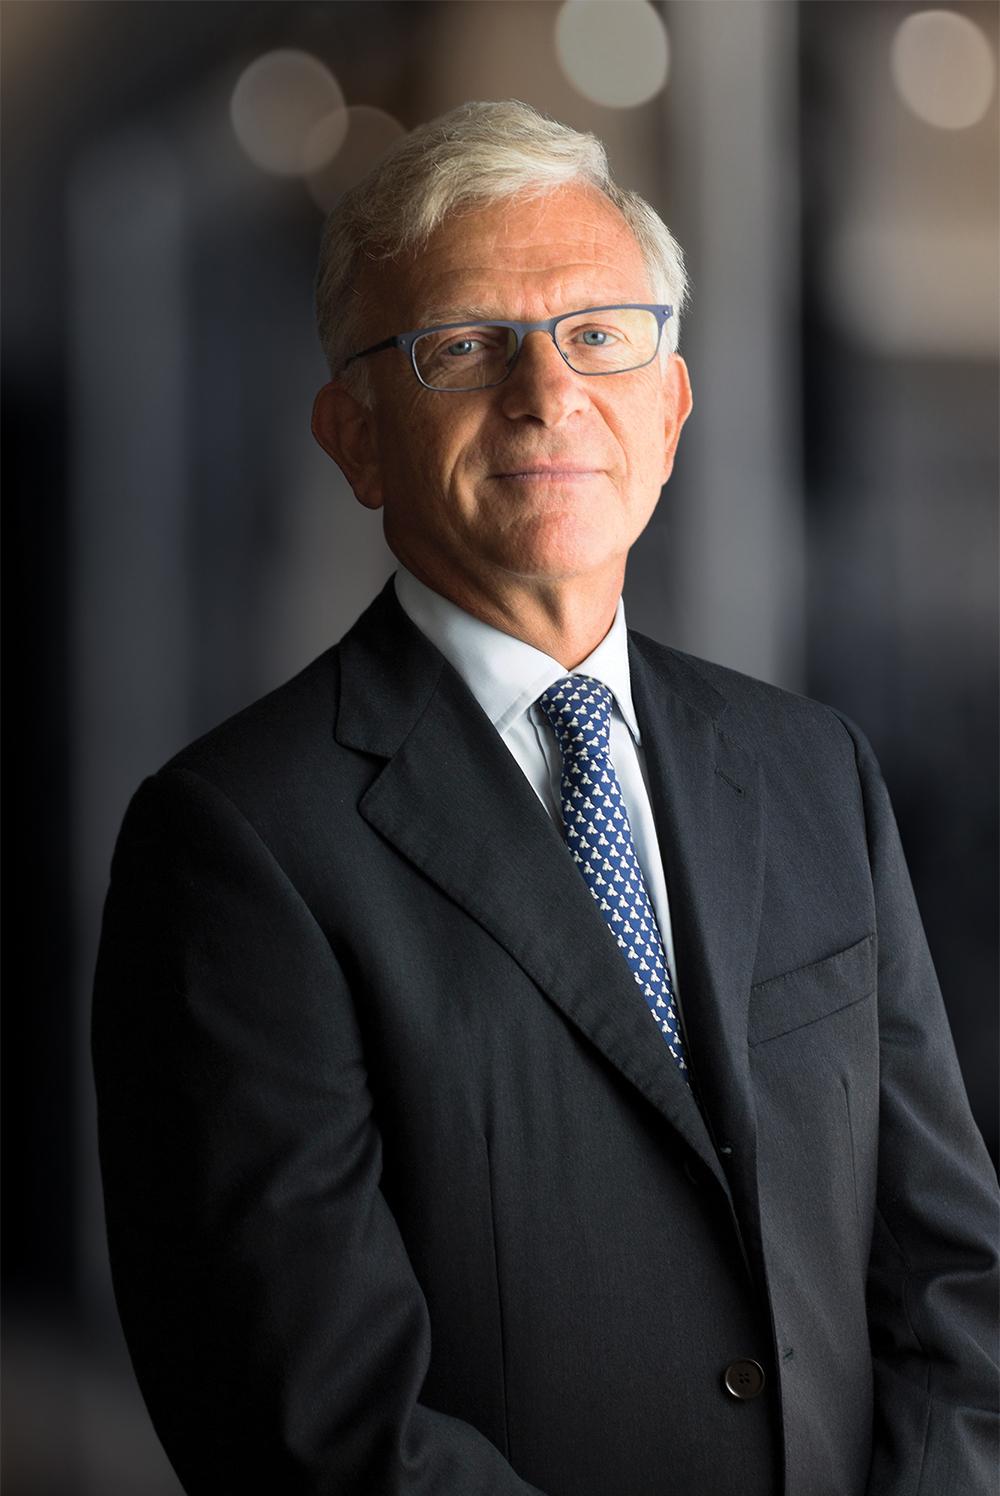 Francesco Abbozzo Franzi